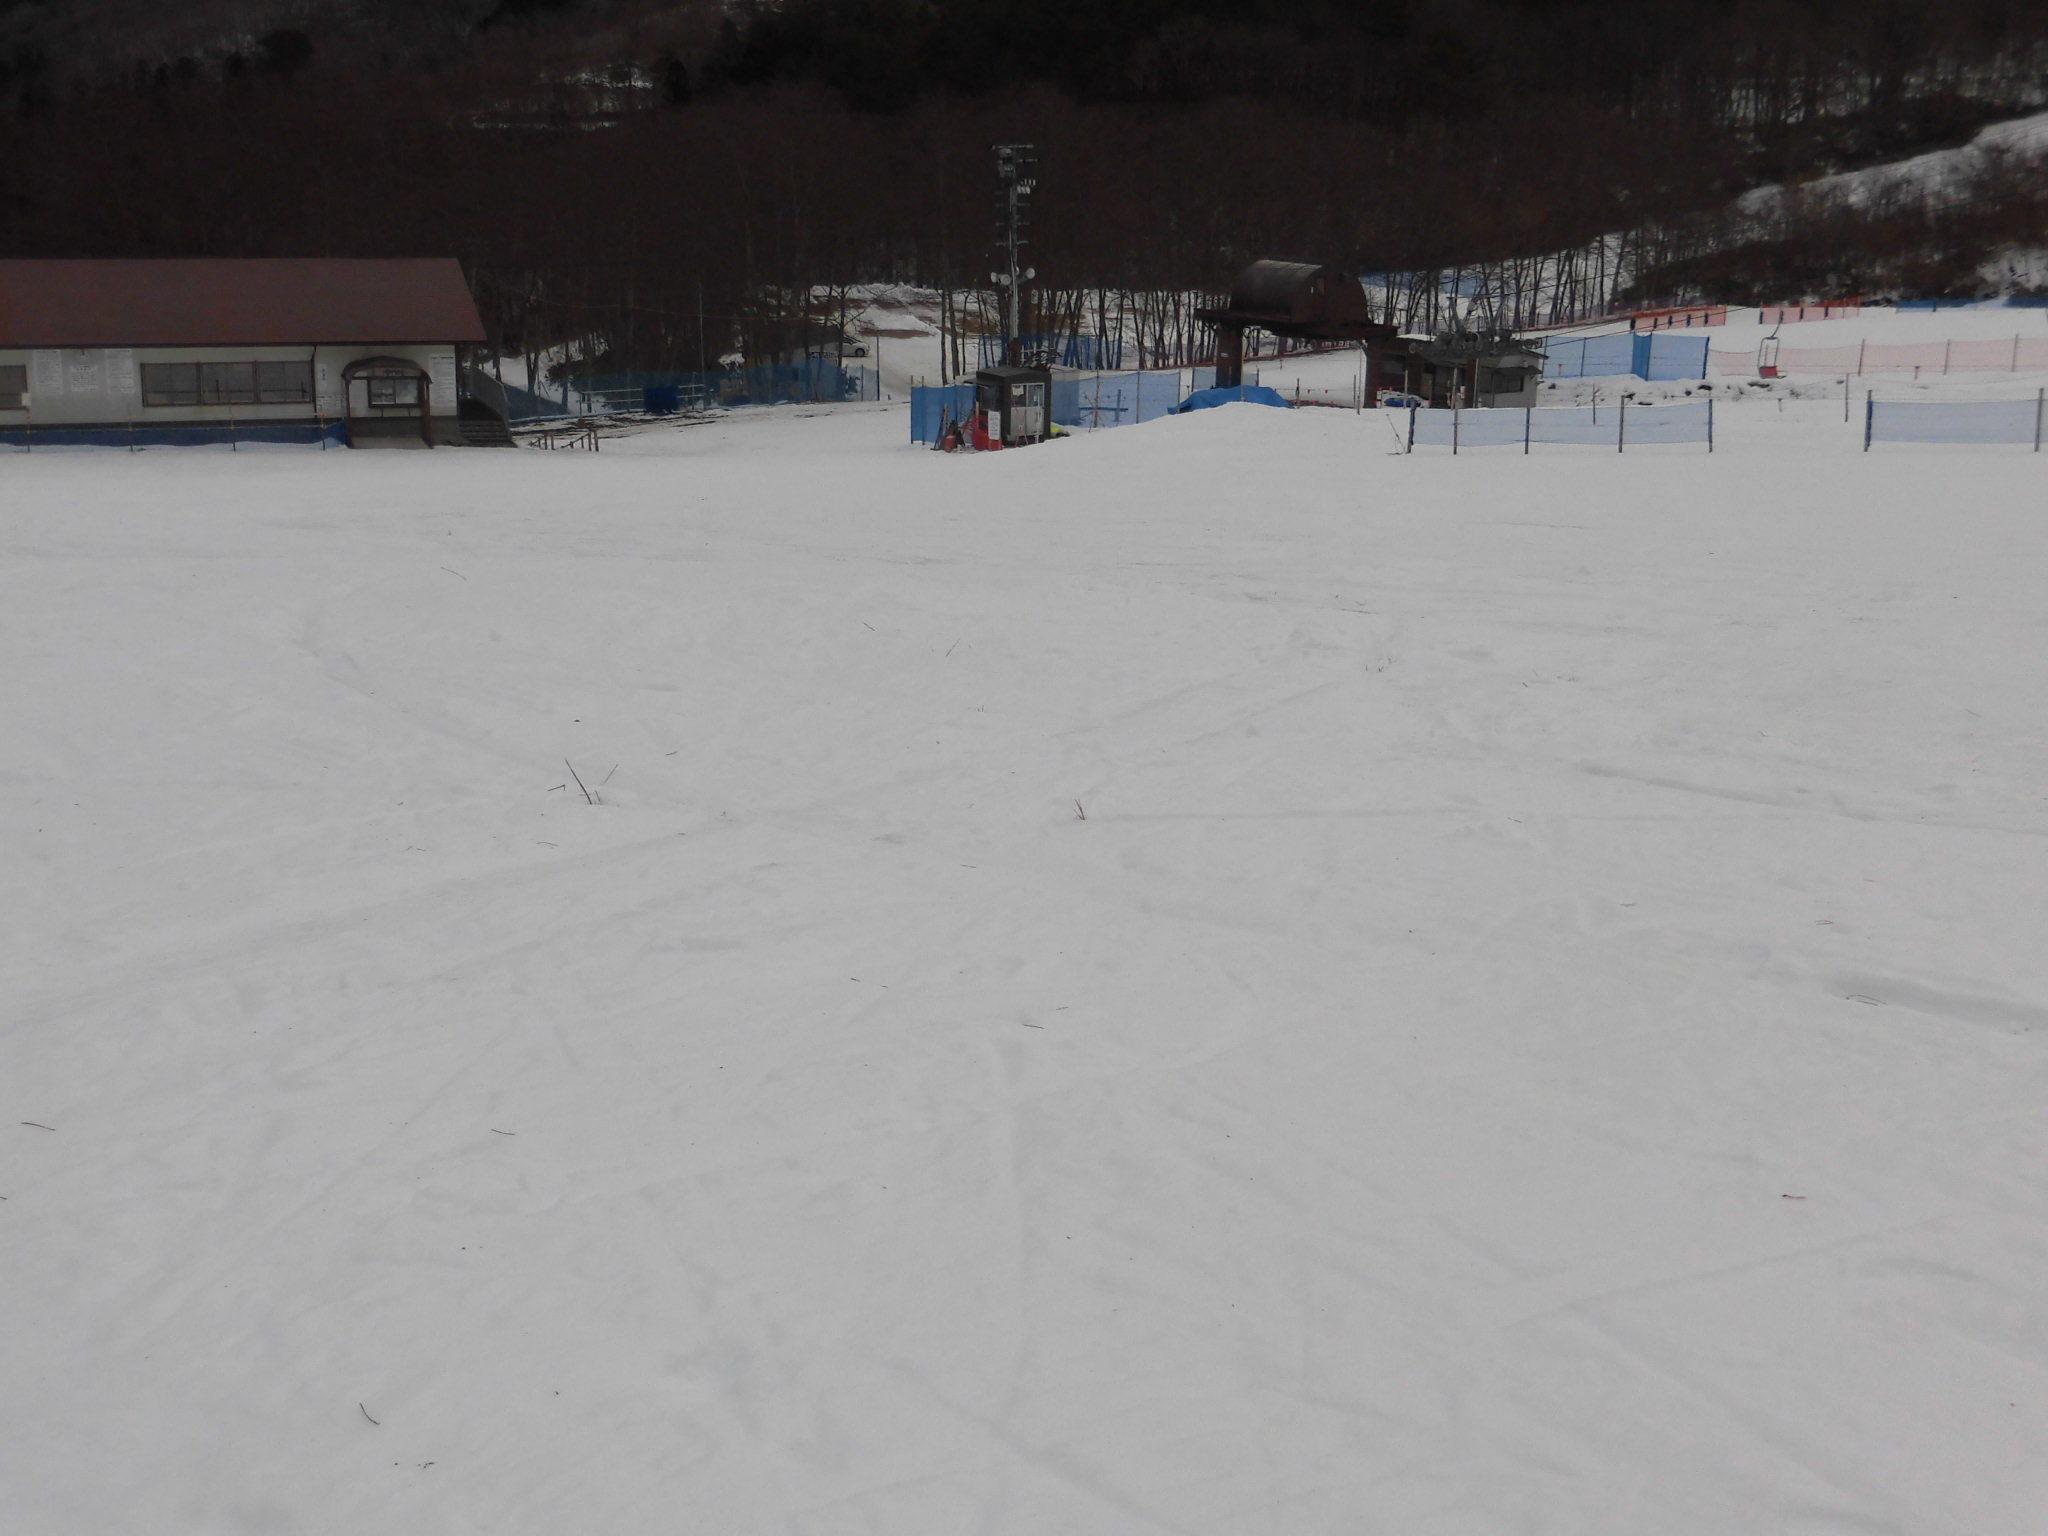 令和2年1月28日(火) 天気:曇 気温:-3℃ 積雪:20㎝ 一部滑走可能_e0306207_08105784.jpg